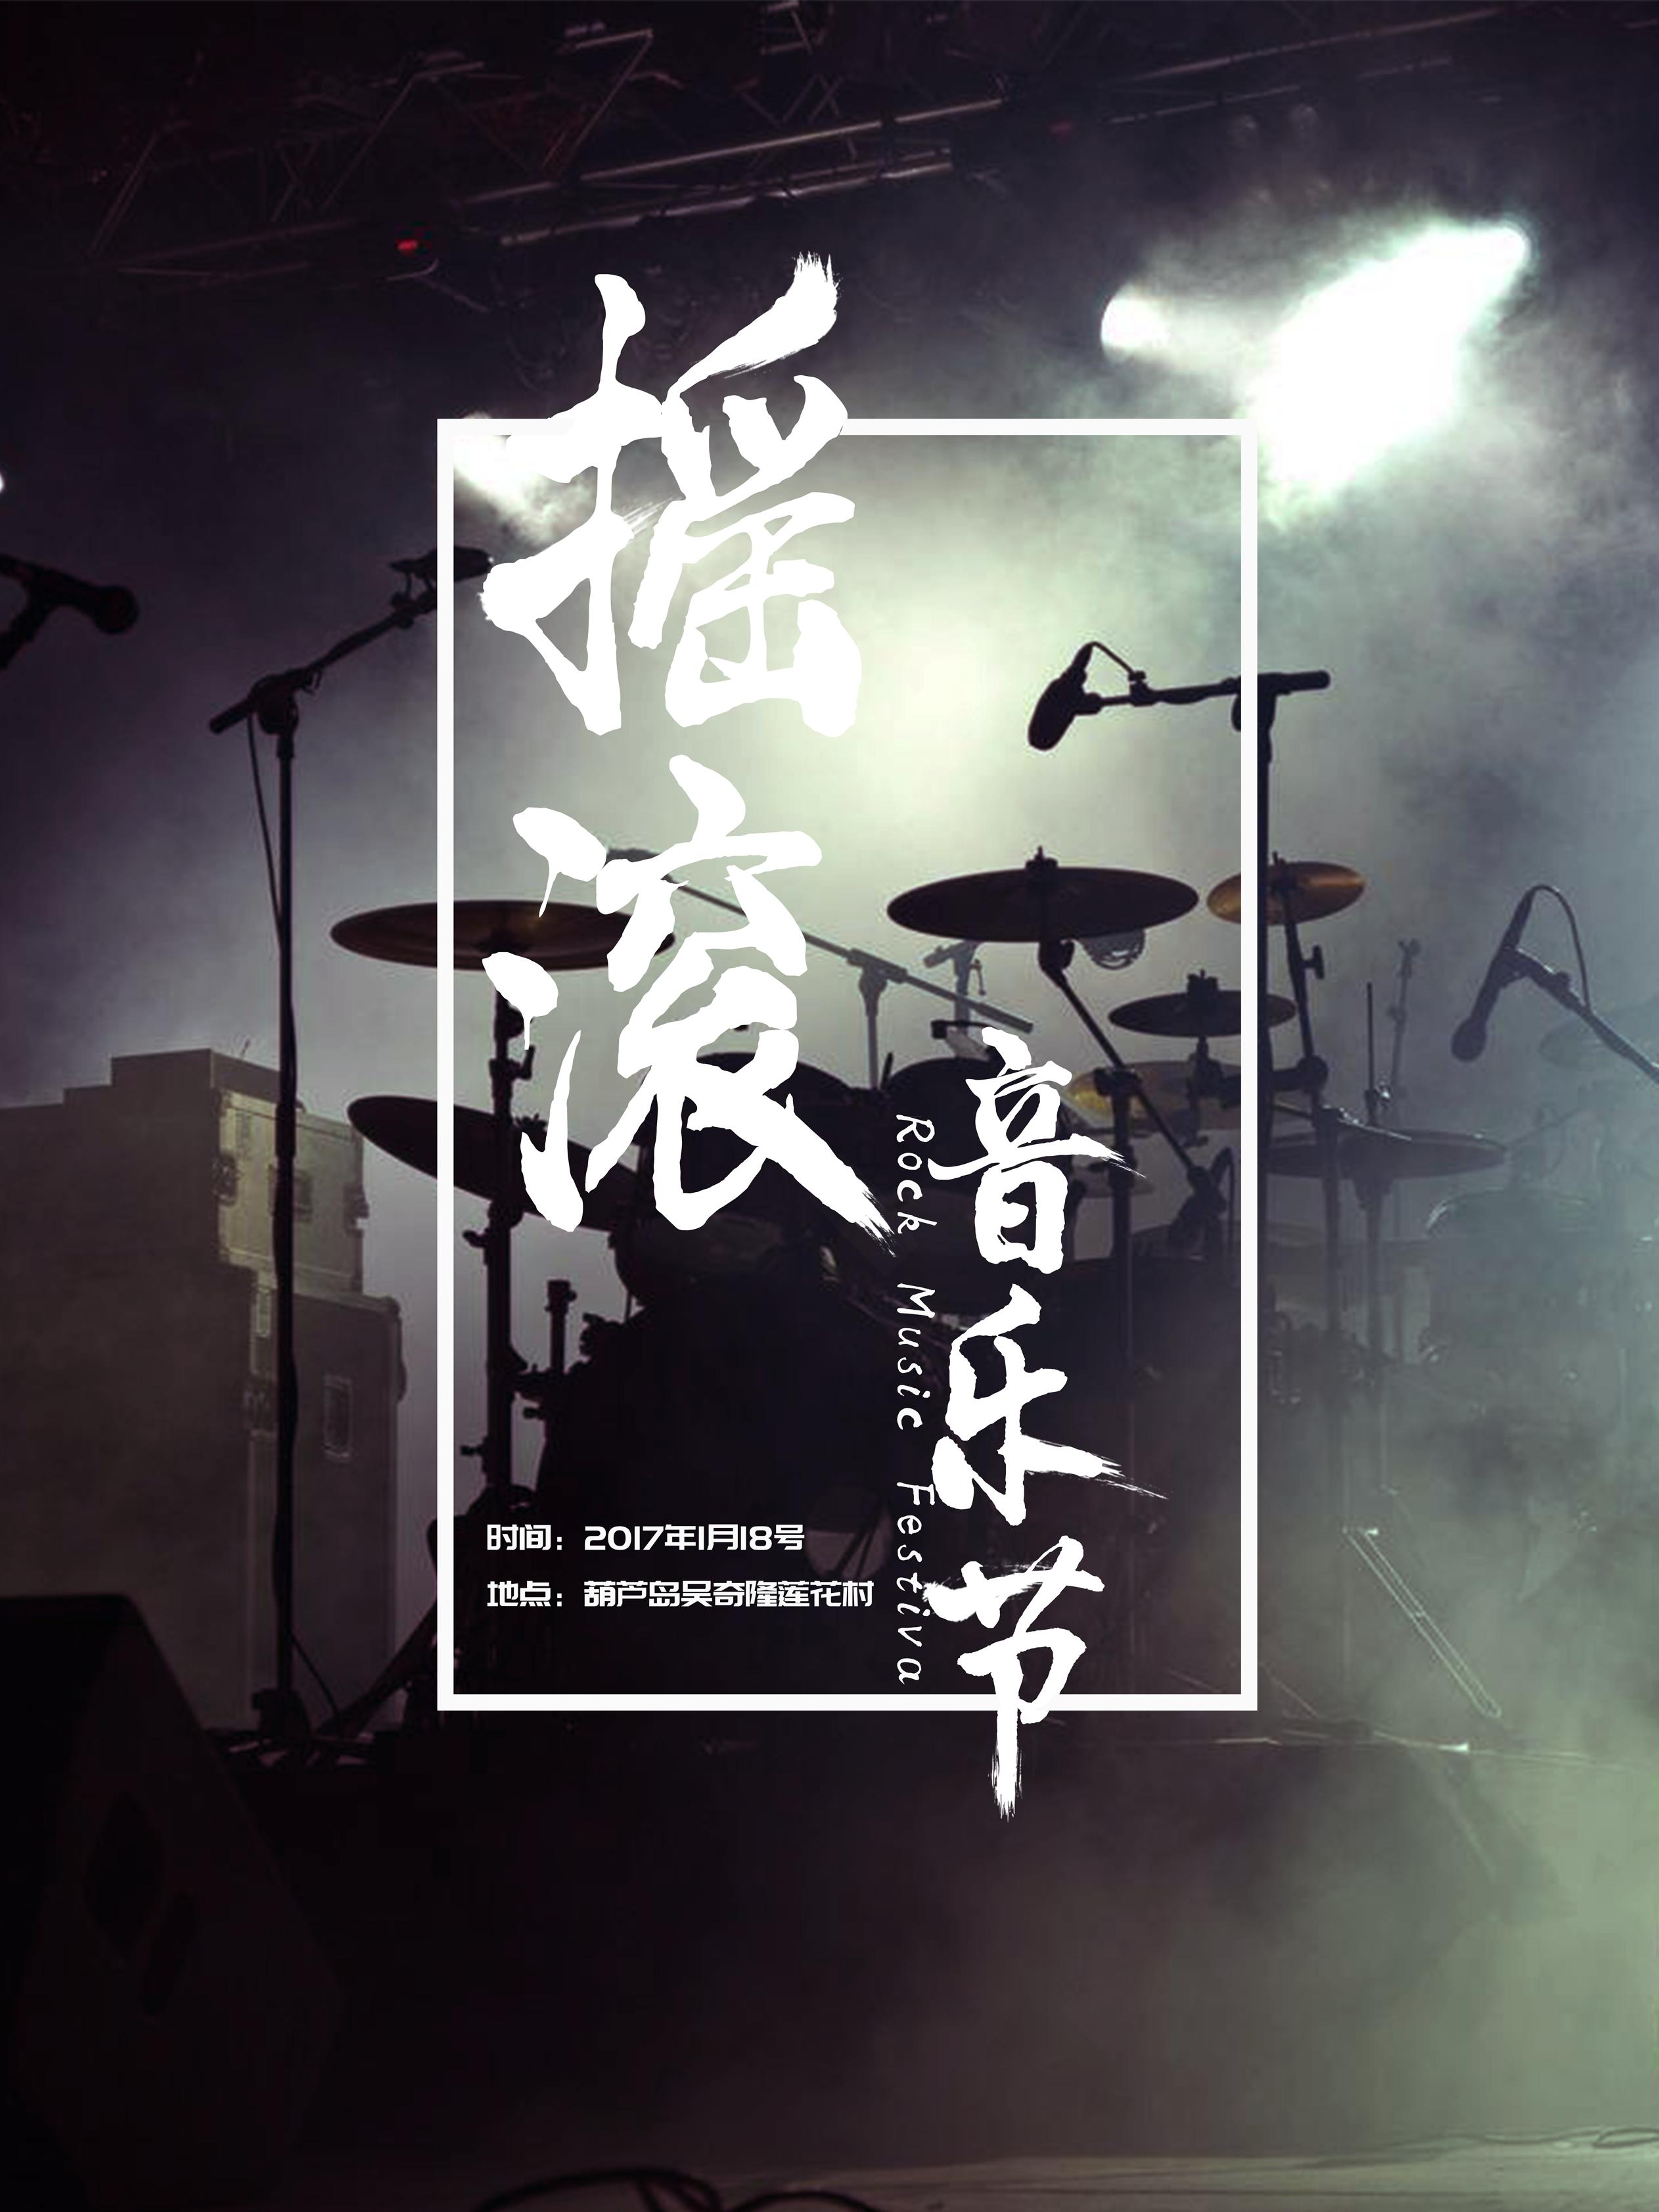 中秋节活动通知模板_摇滚音乐节海报素材-免费摇滚音乐节海报素材图片-设计素材-图怪兽